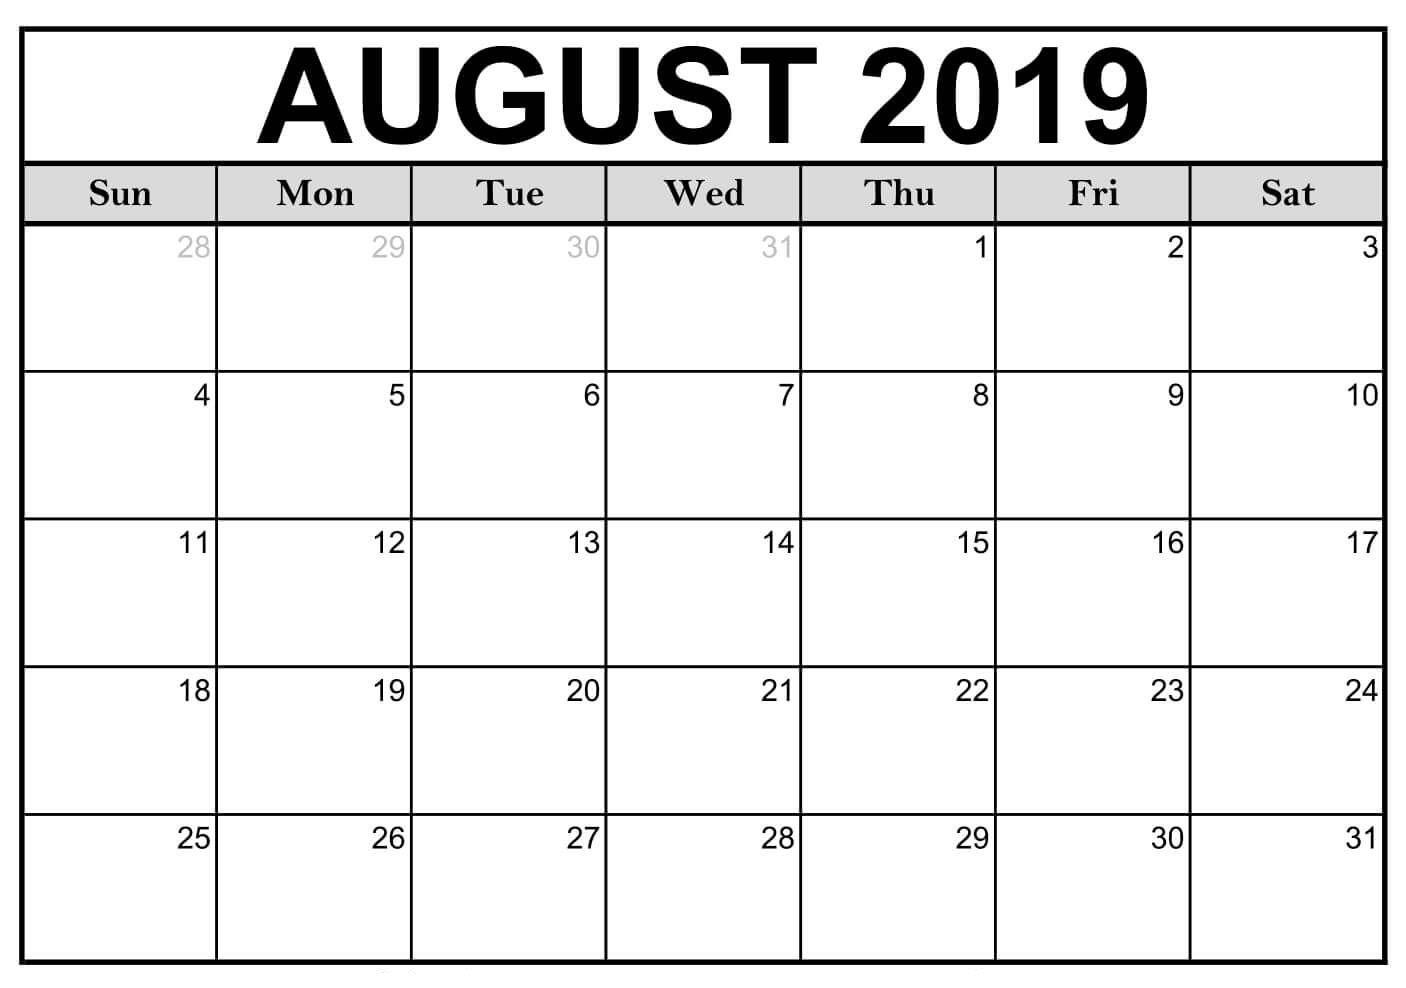 Blank August 2019 Calendar Printable #editable #templates | August throughout August Blank Calendar Printable